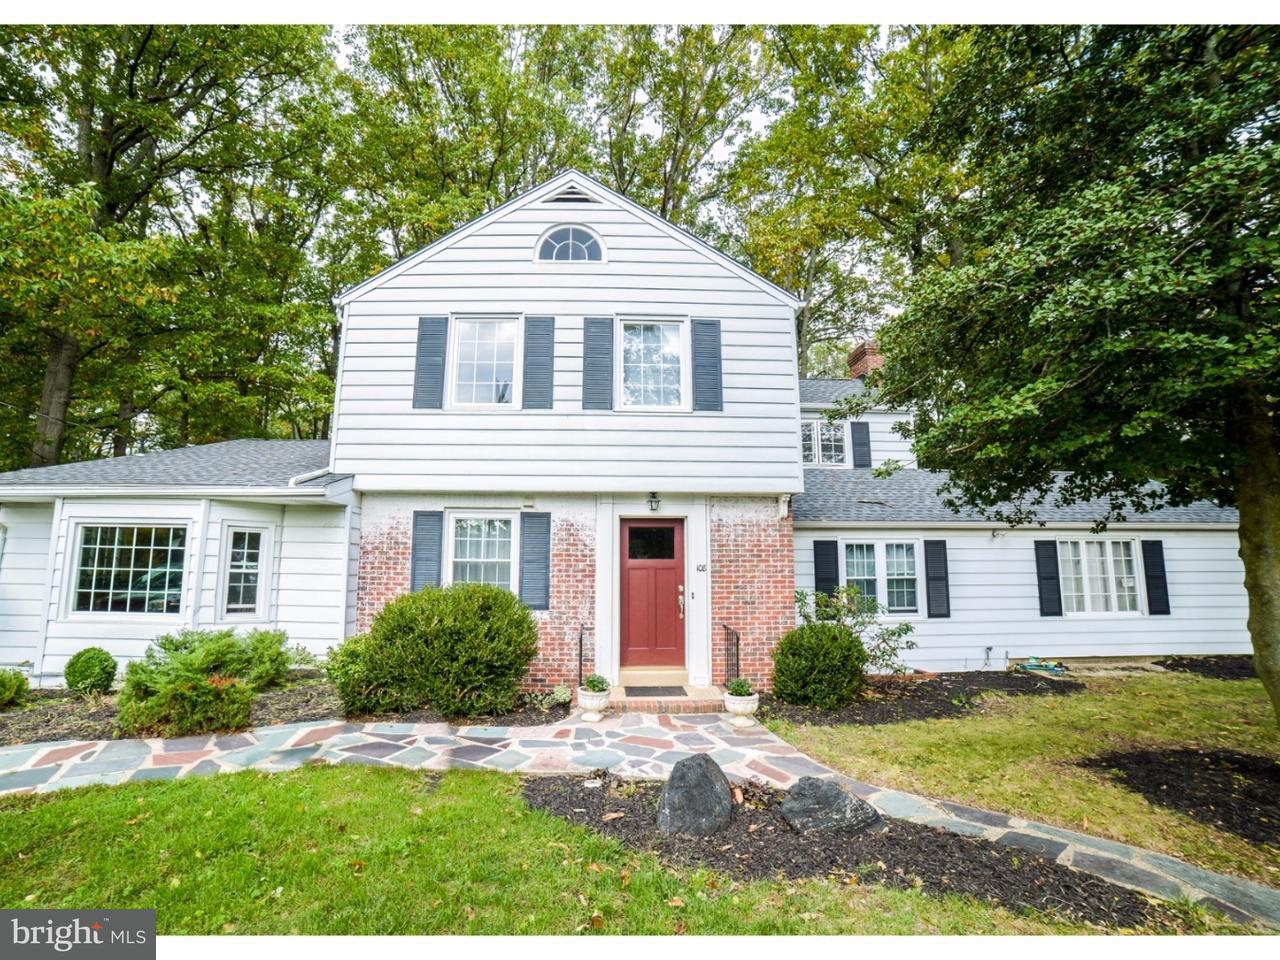 Maison unifamiliale pour l Vente à 108 CYRUS Avenue Pitman, New Jersey 08071 États-Unis